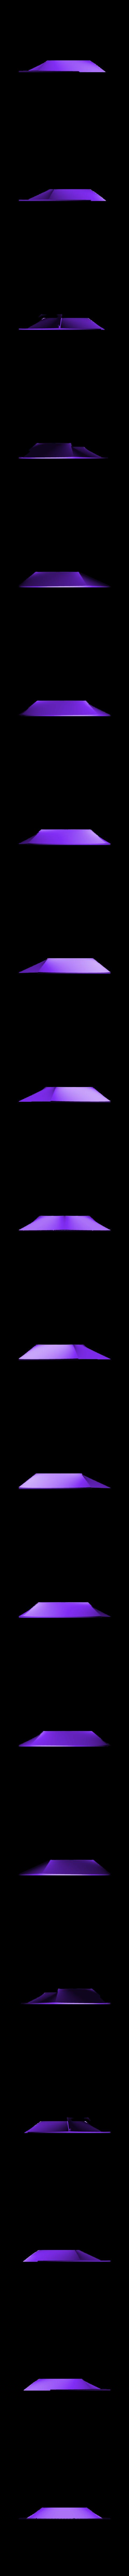 Triangle Gem.stl Download STL file Steven Universe Cosplay Gem Set • 3D printable object, httpkoopa